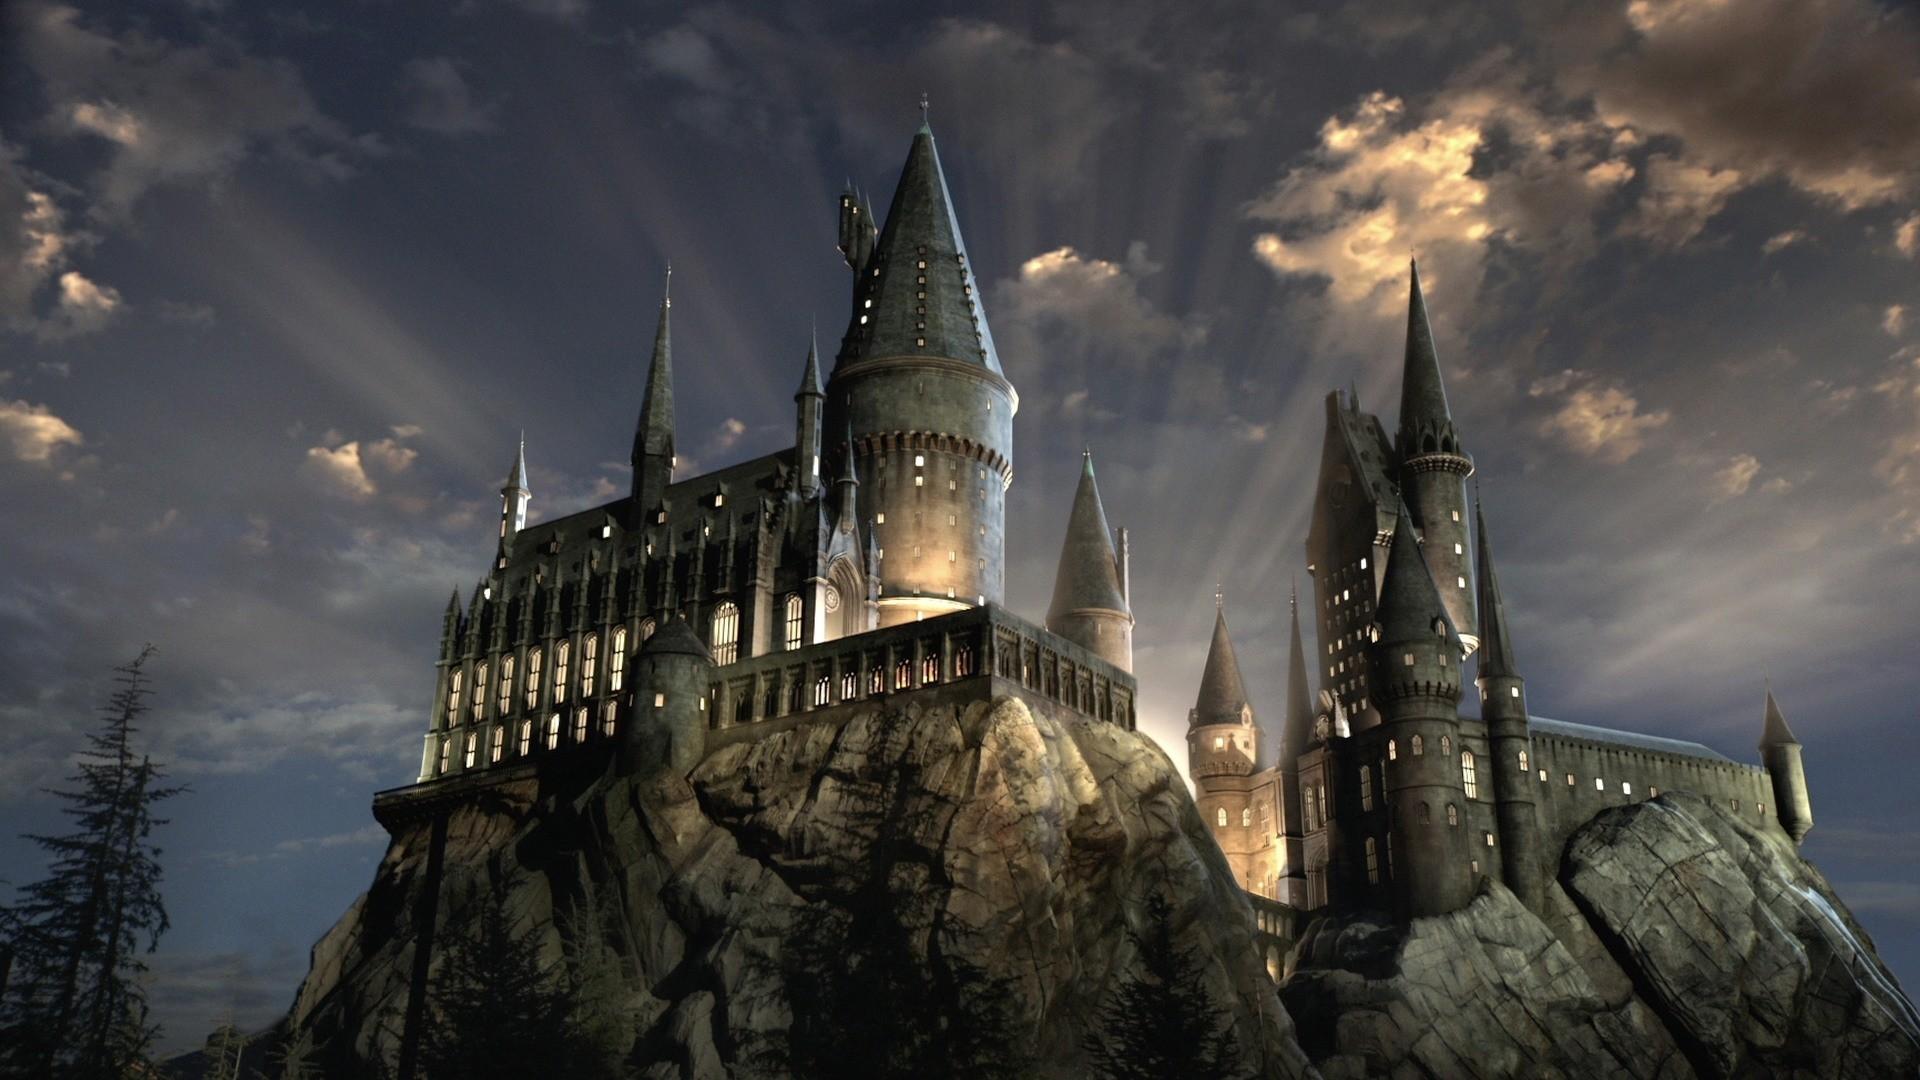 hogwarts wallpaper 1920x1080